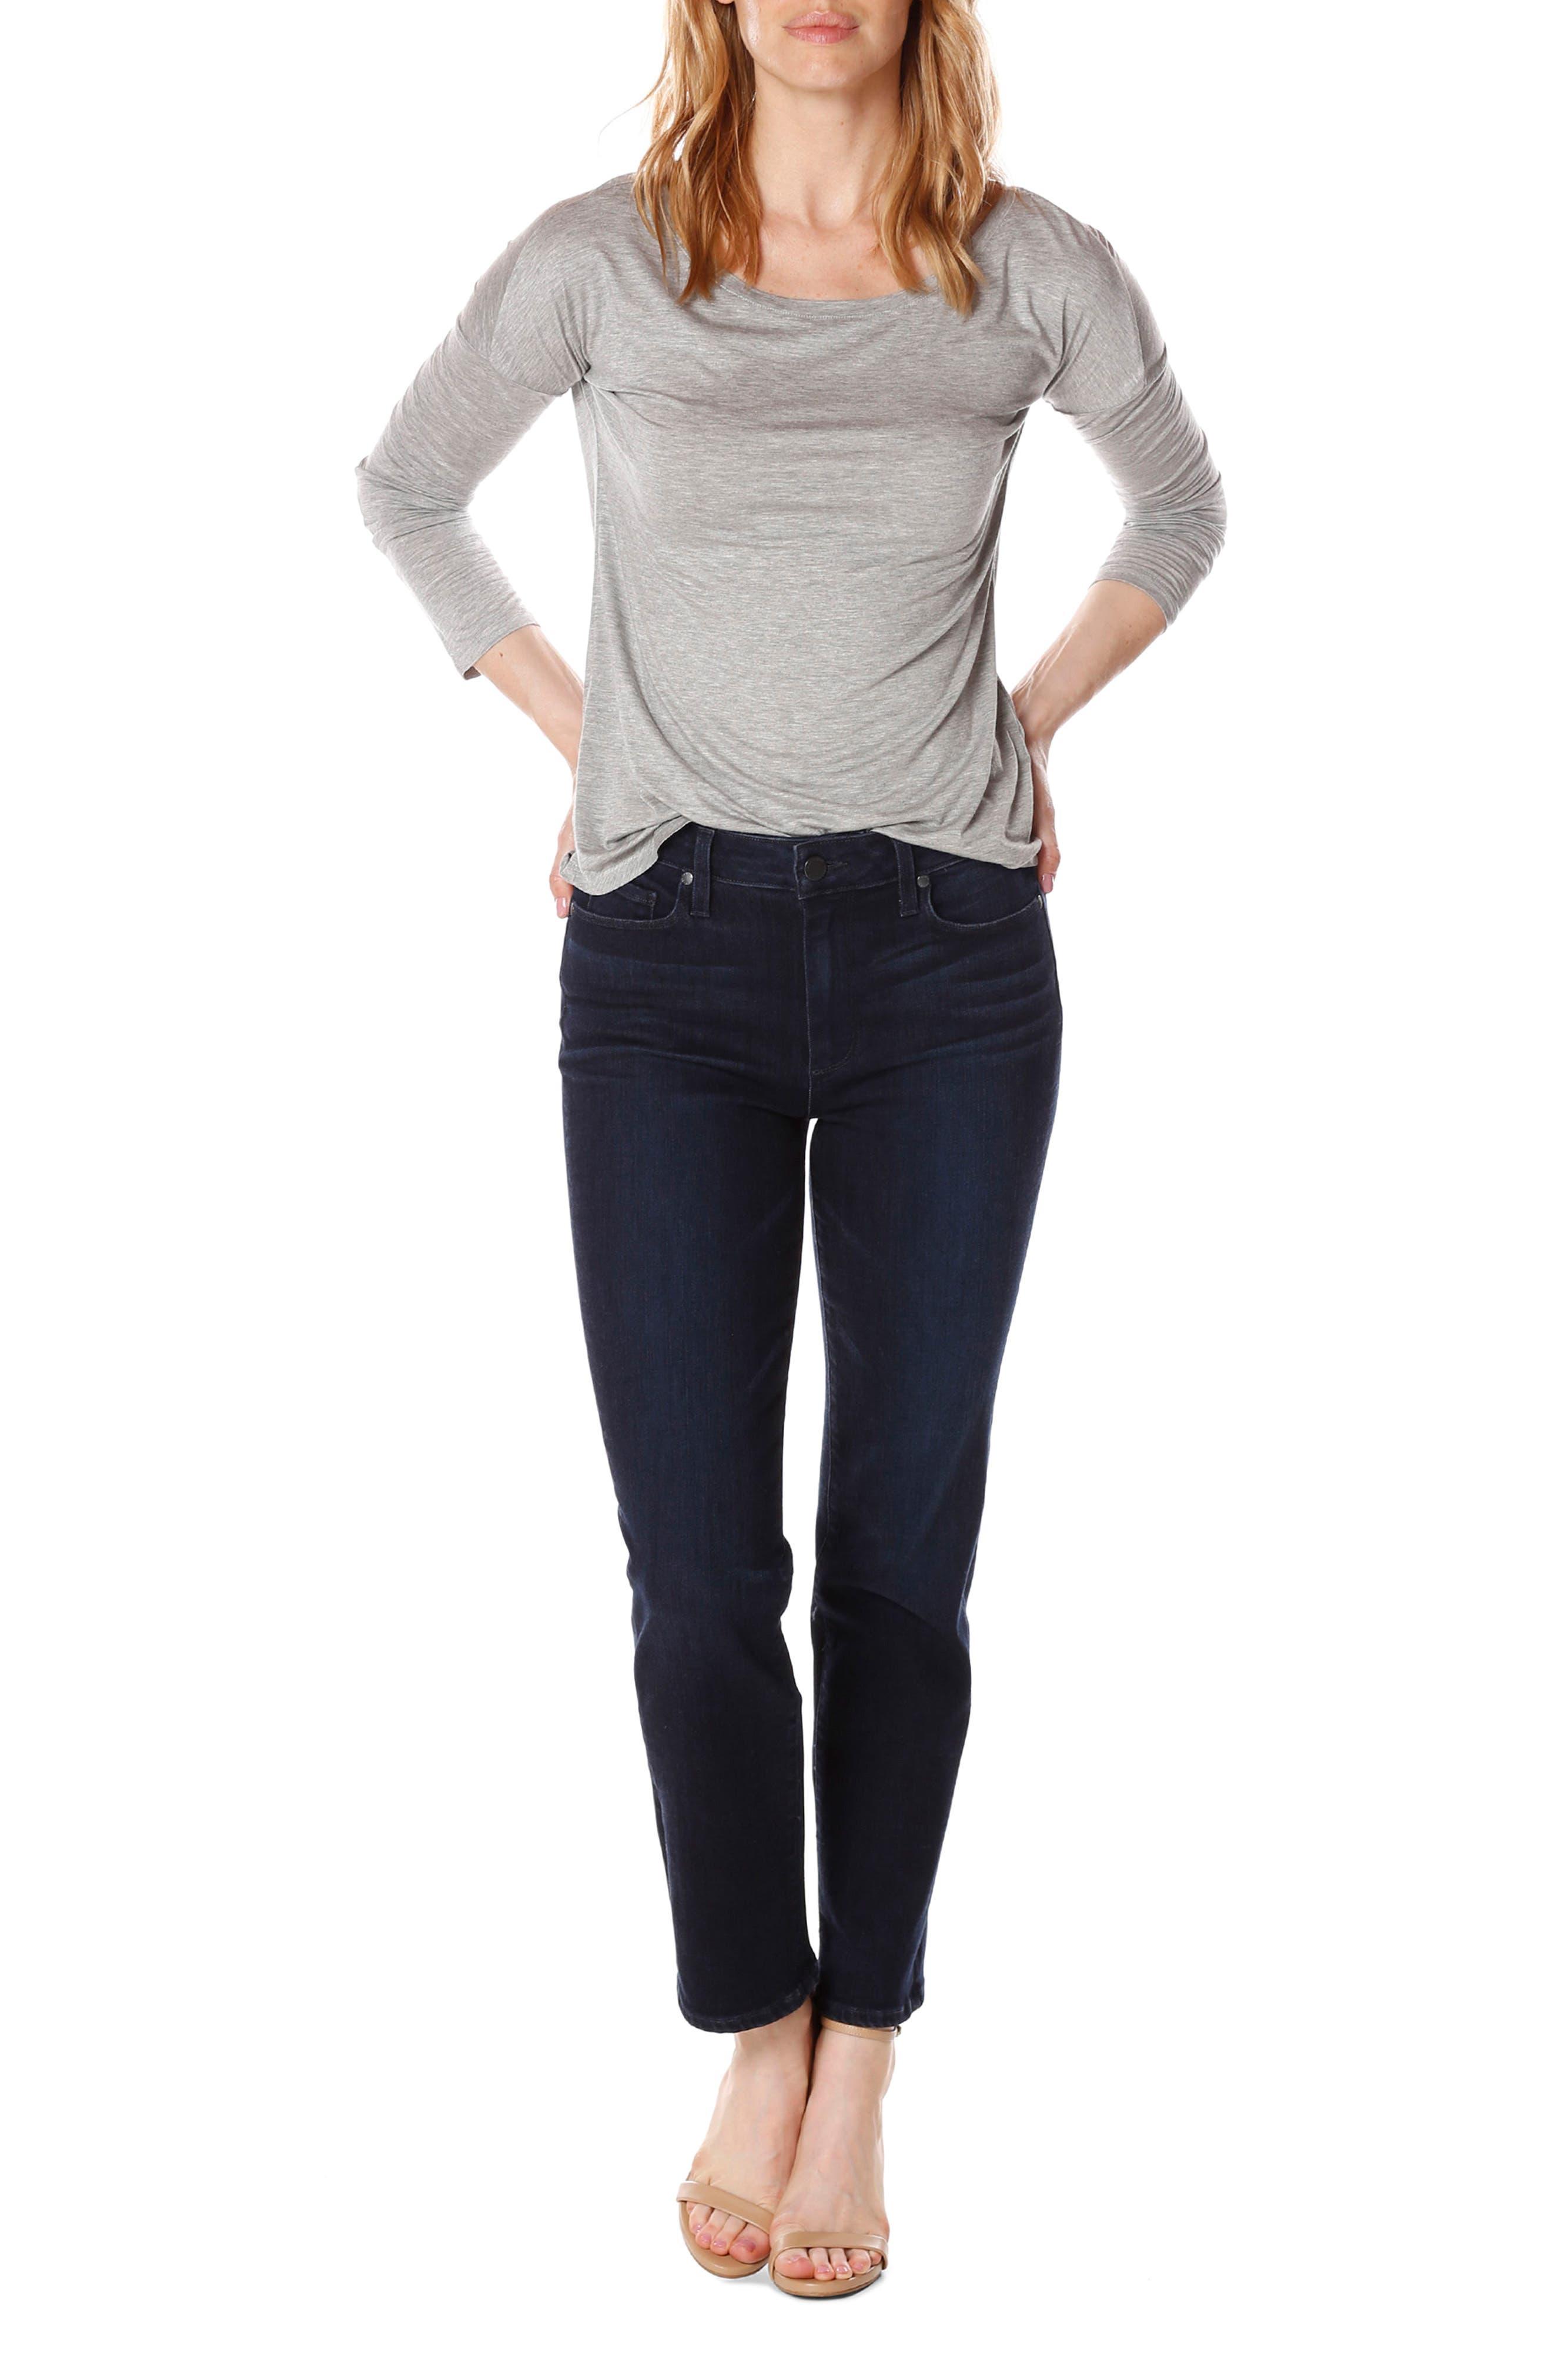 Jacqueline High Waist Crop Straight Leg Jeans,                             Alternate thumbnail 4, color,